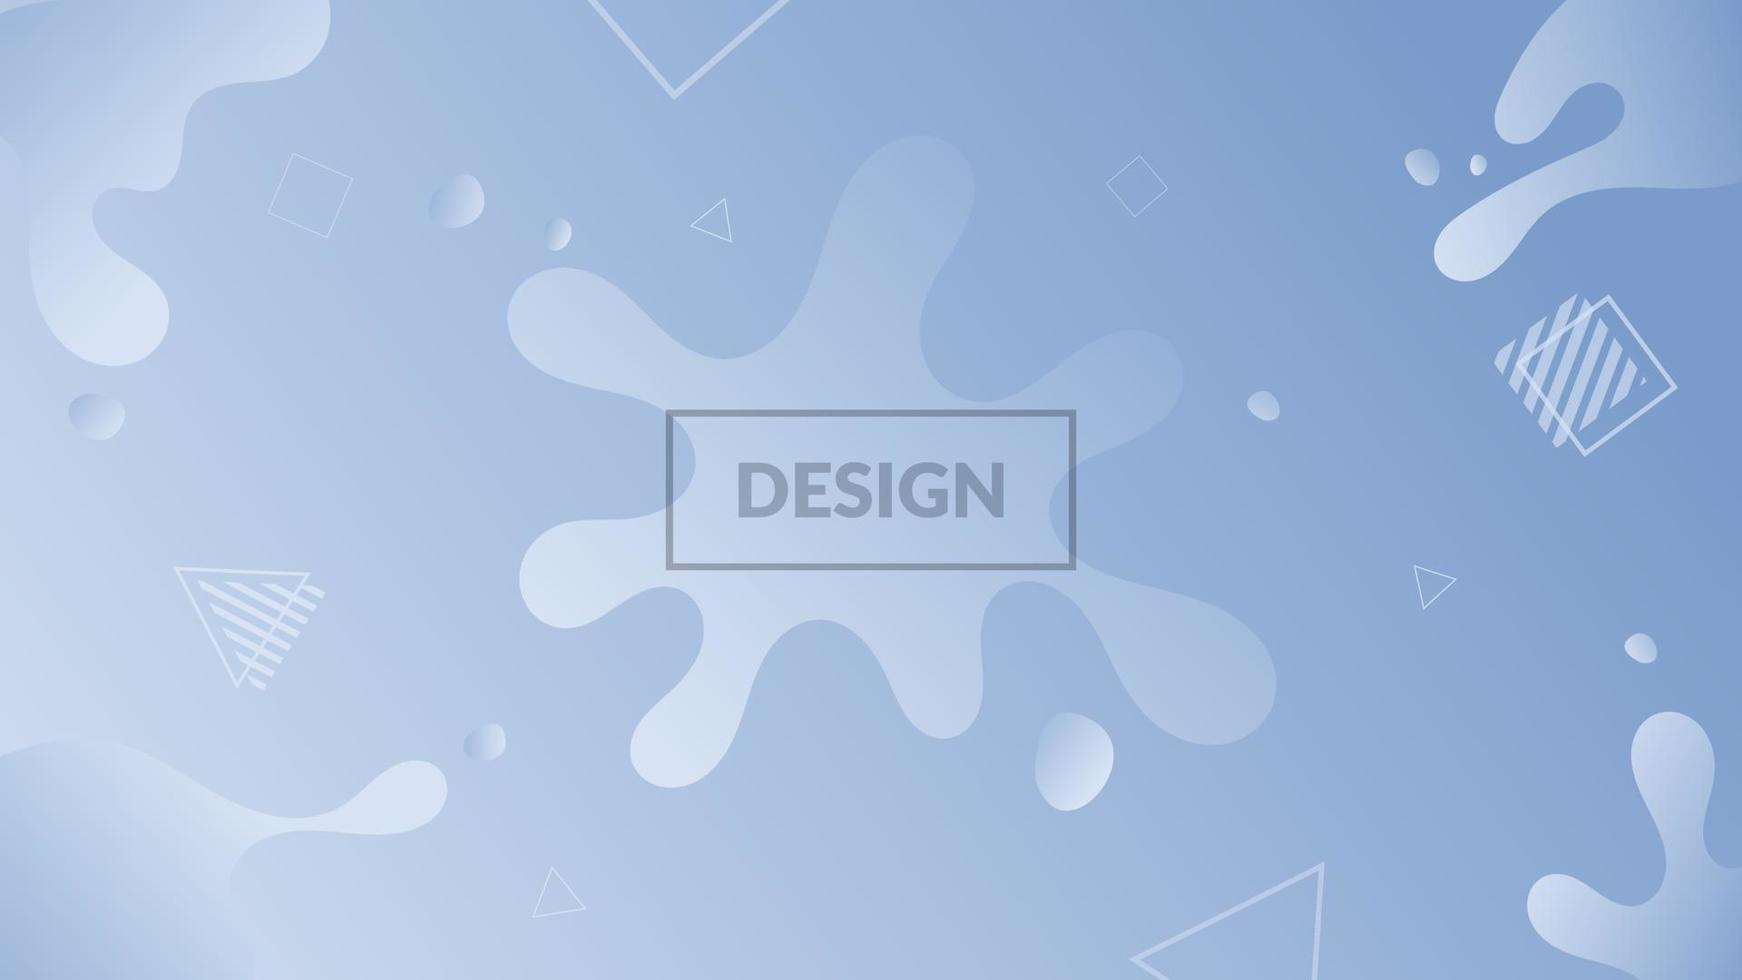 blauer flüssiger abstrakter Hintergrund vektor